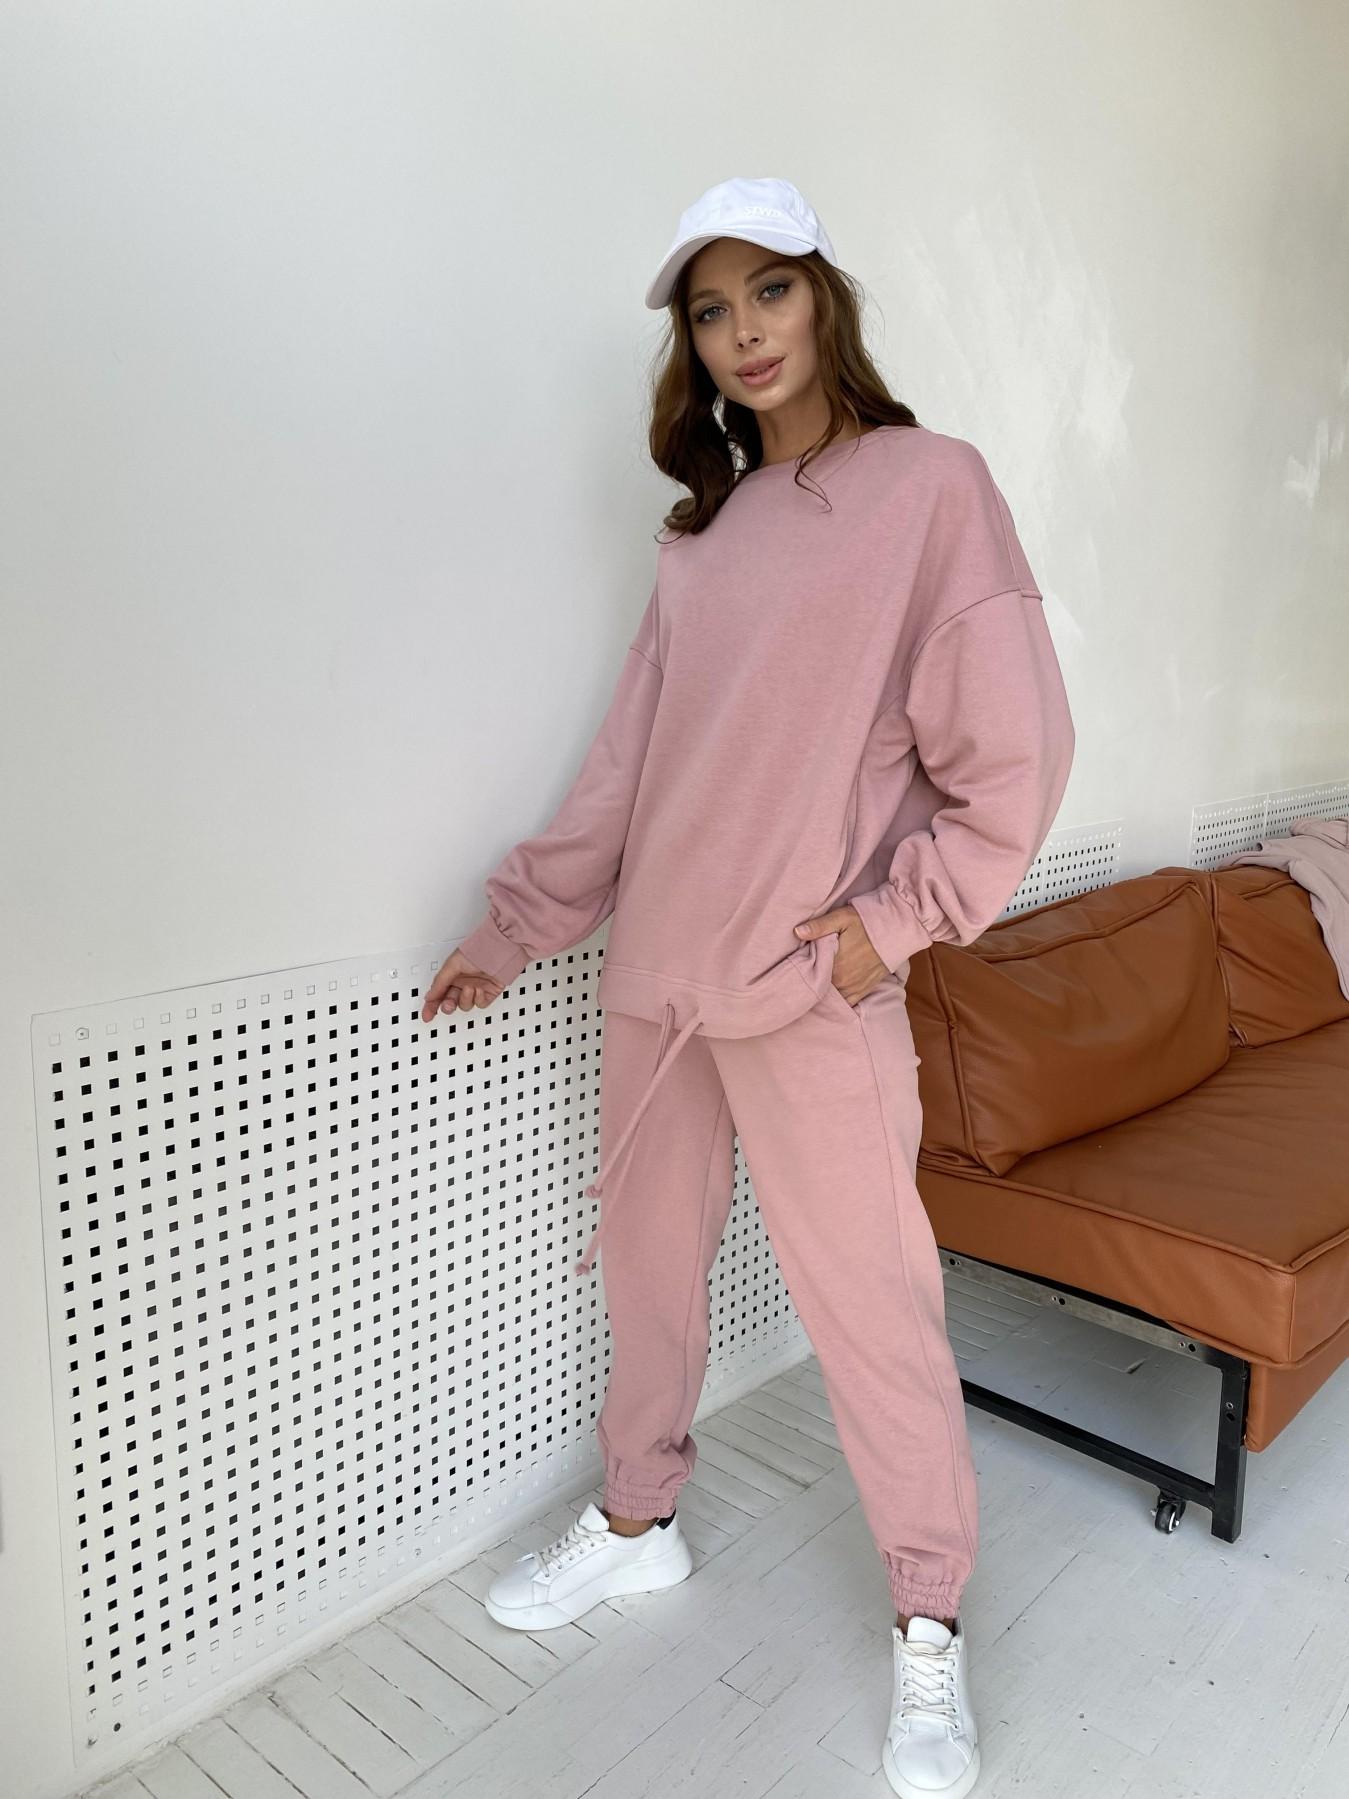 Фарт 2 костюм трикотаж трехнитка 11634 АРТ. 48344 Цвет: Пудра - фото 6, интернет магазин tm-modus.ru